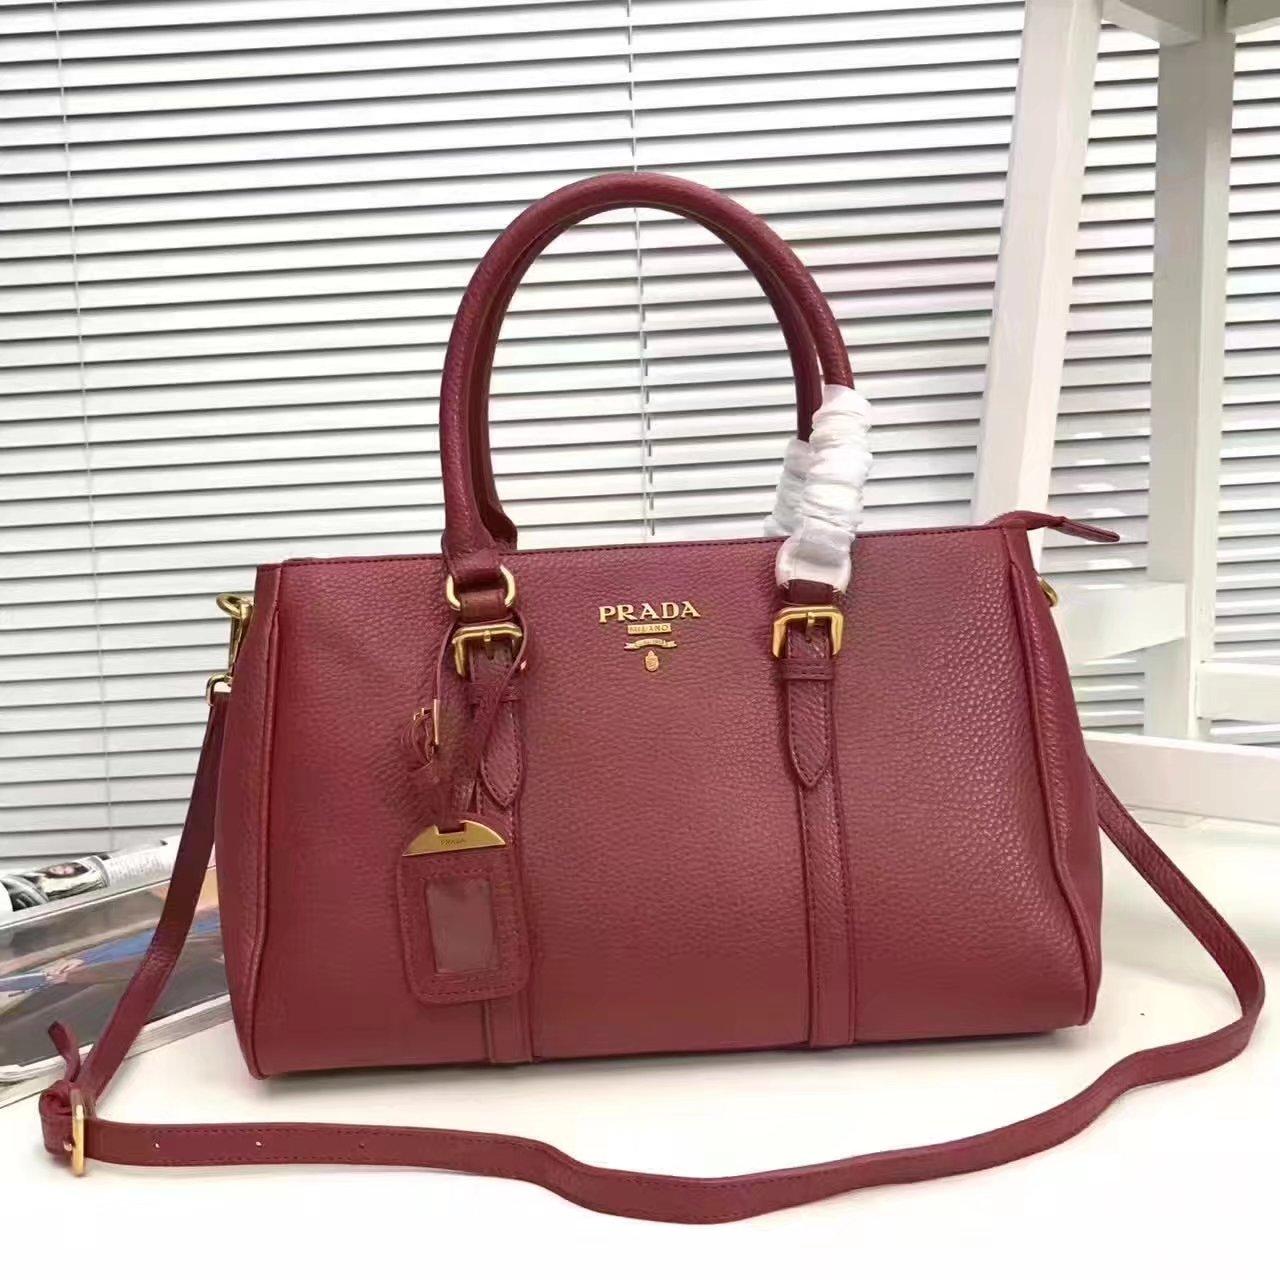 Prada 2996 Women 175 Tote Handbag Red